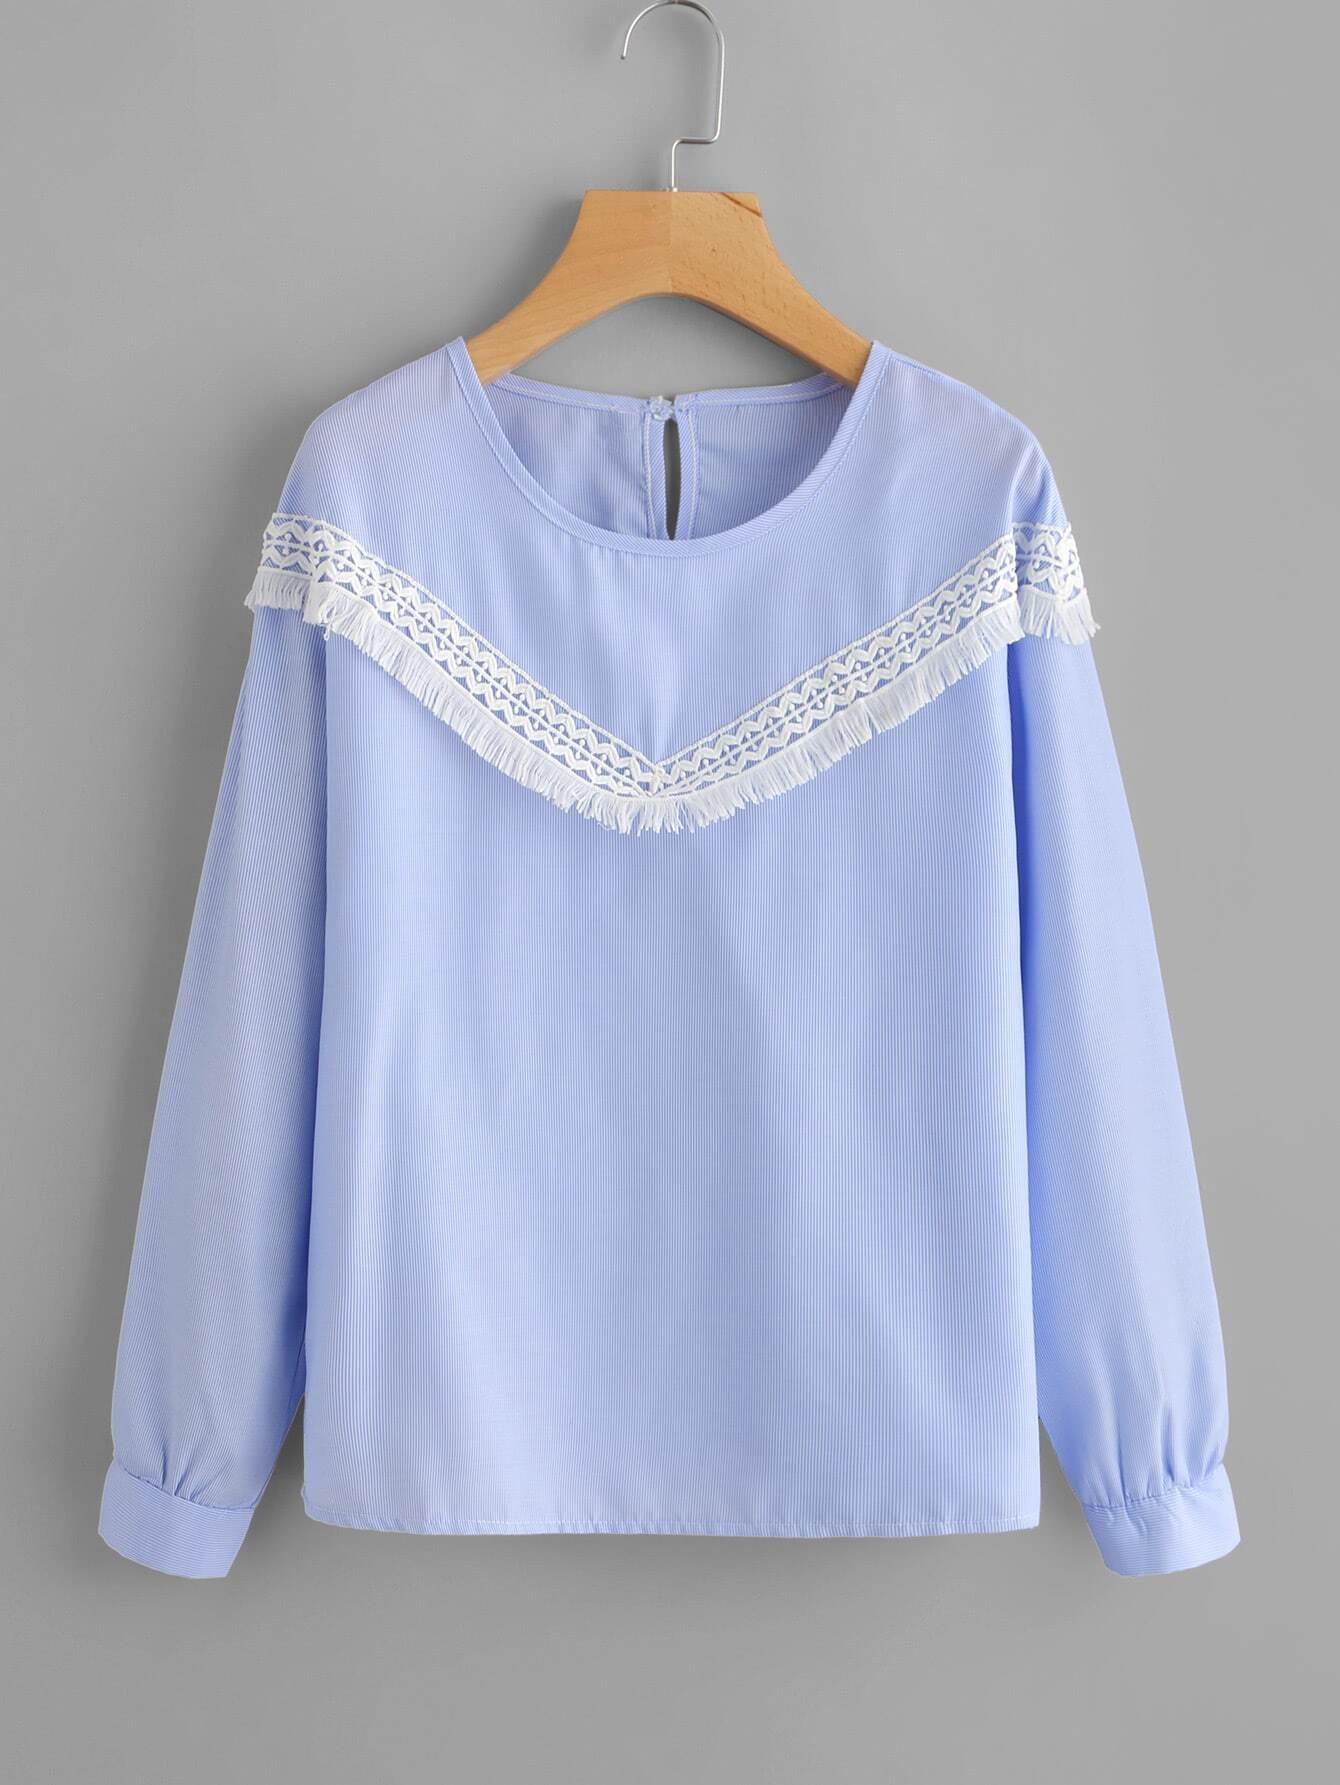 Contrast Crochet Applique Pinstriped Blouse lace crochet contrast neck blouse